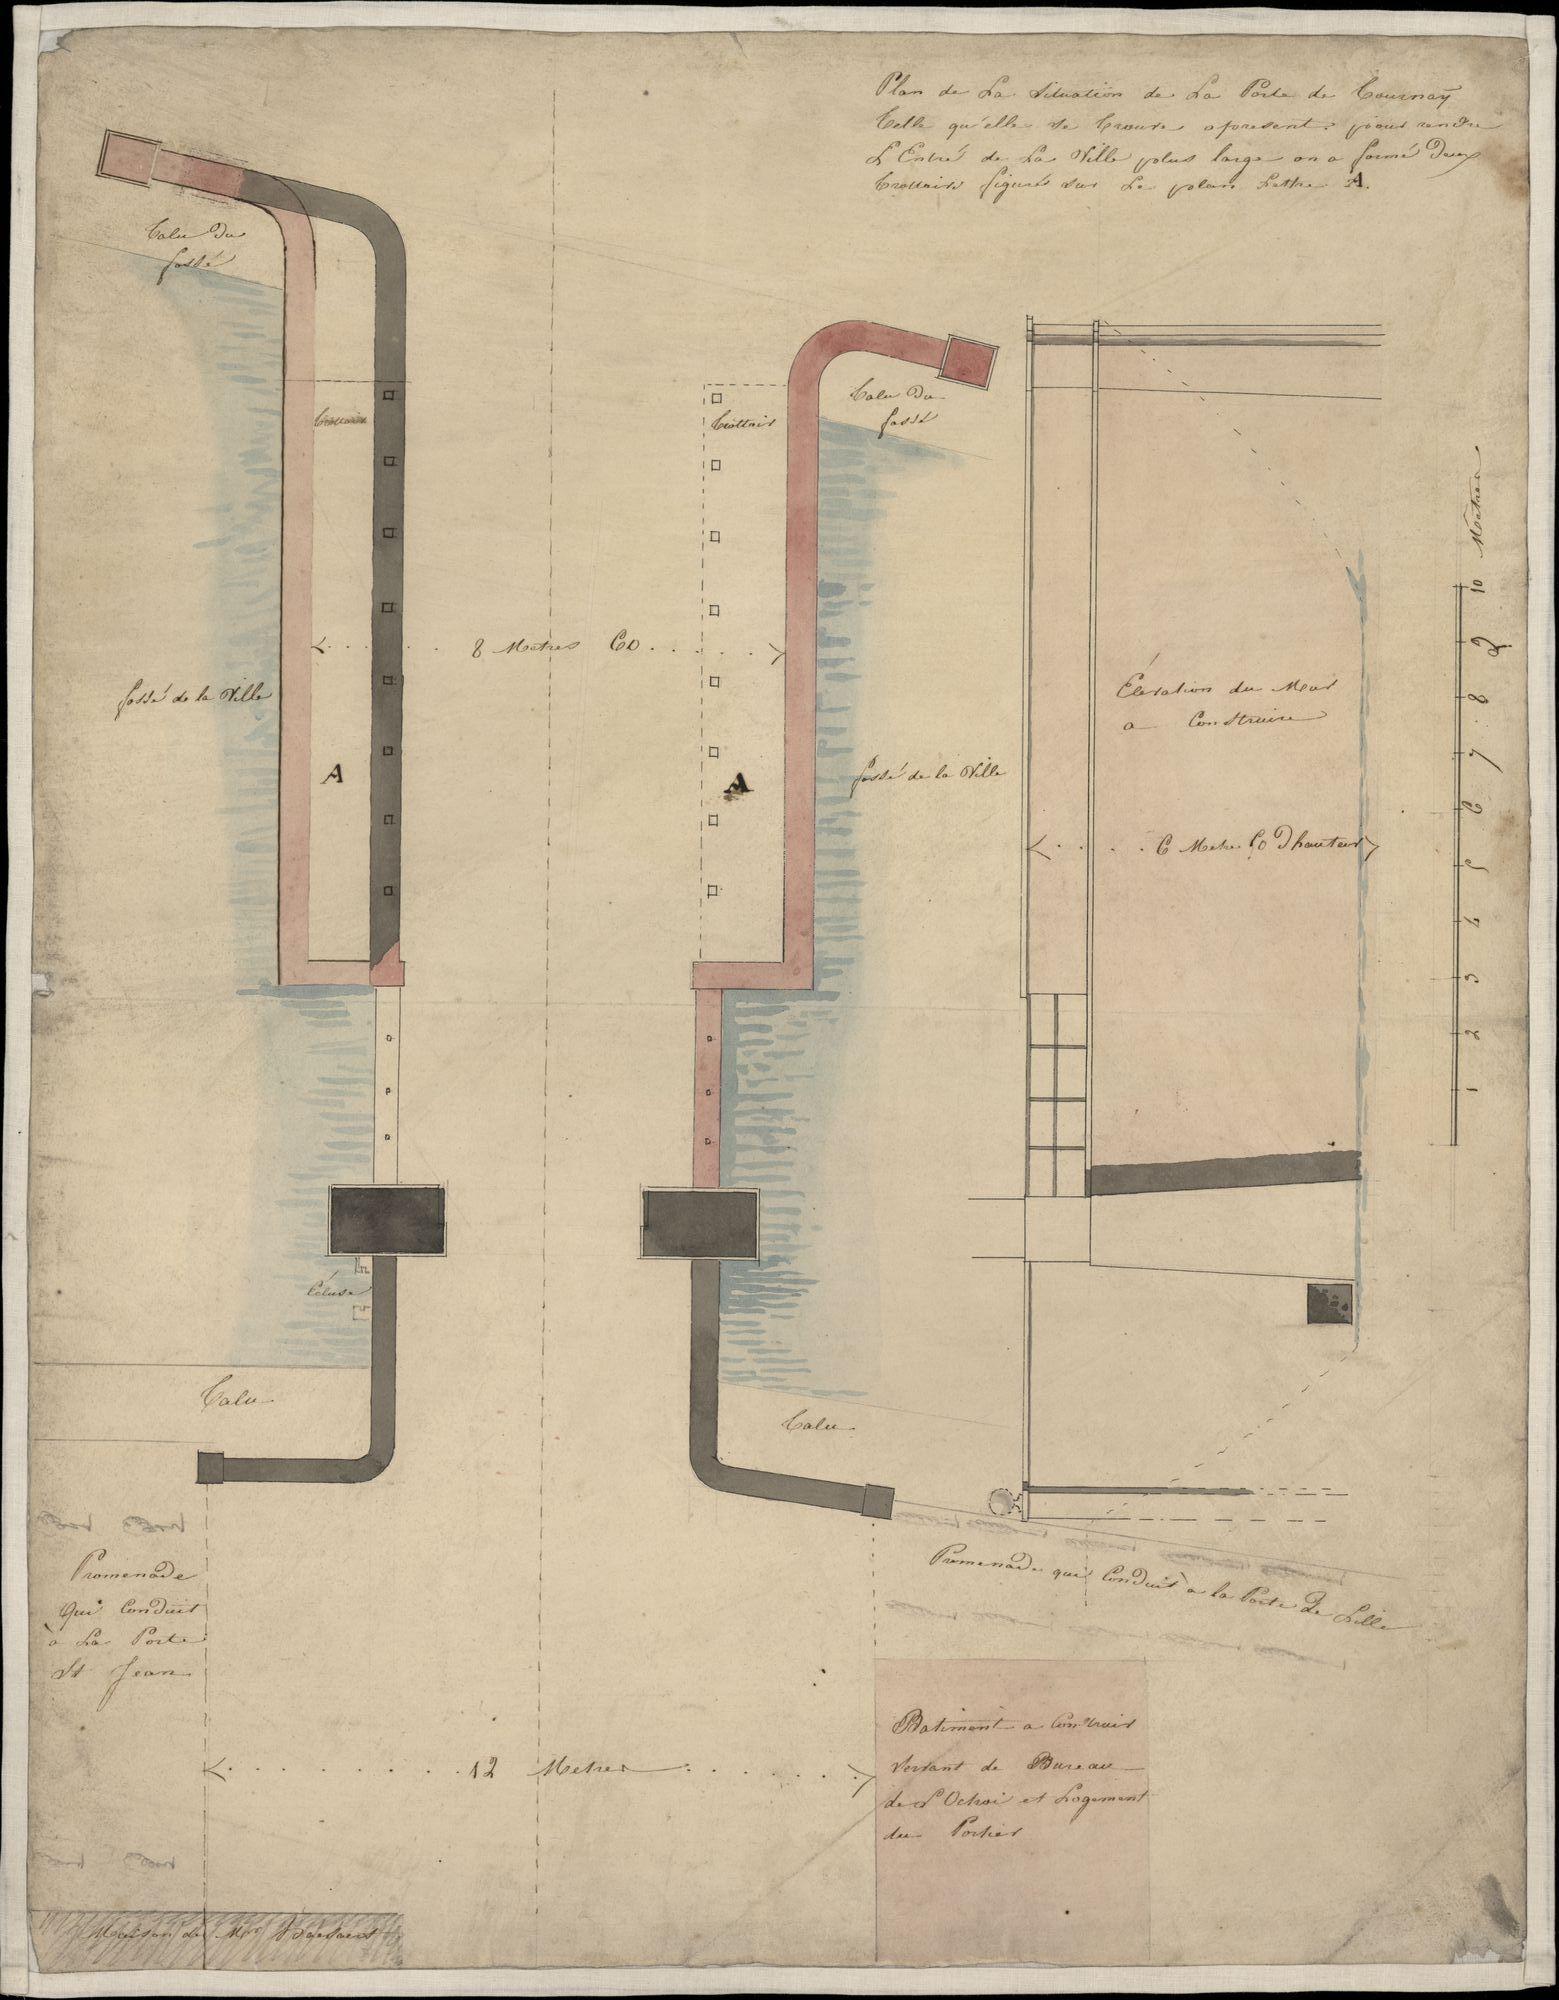 Bouwplan van de Doorniksepoort te Kortrijk, 19de eeuw